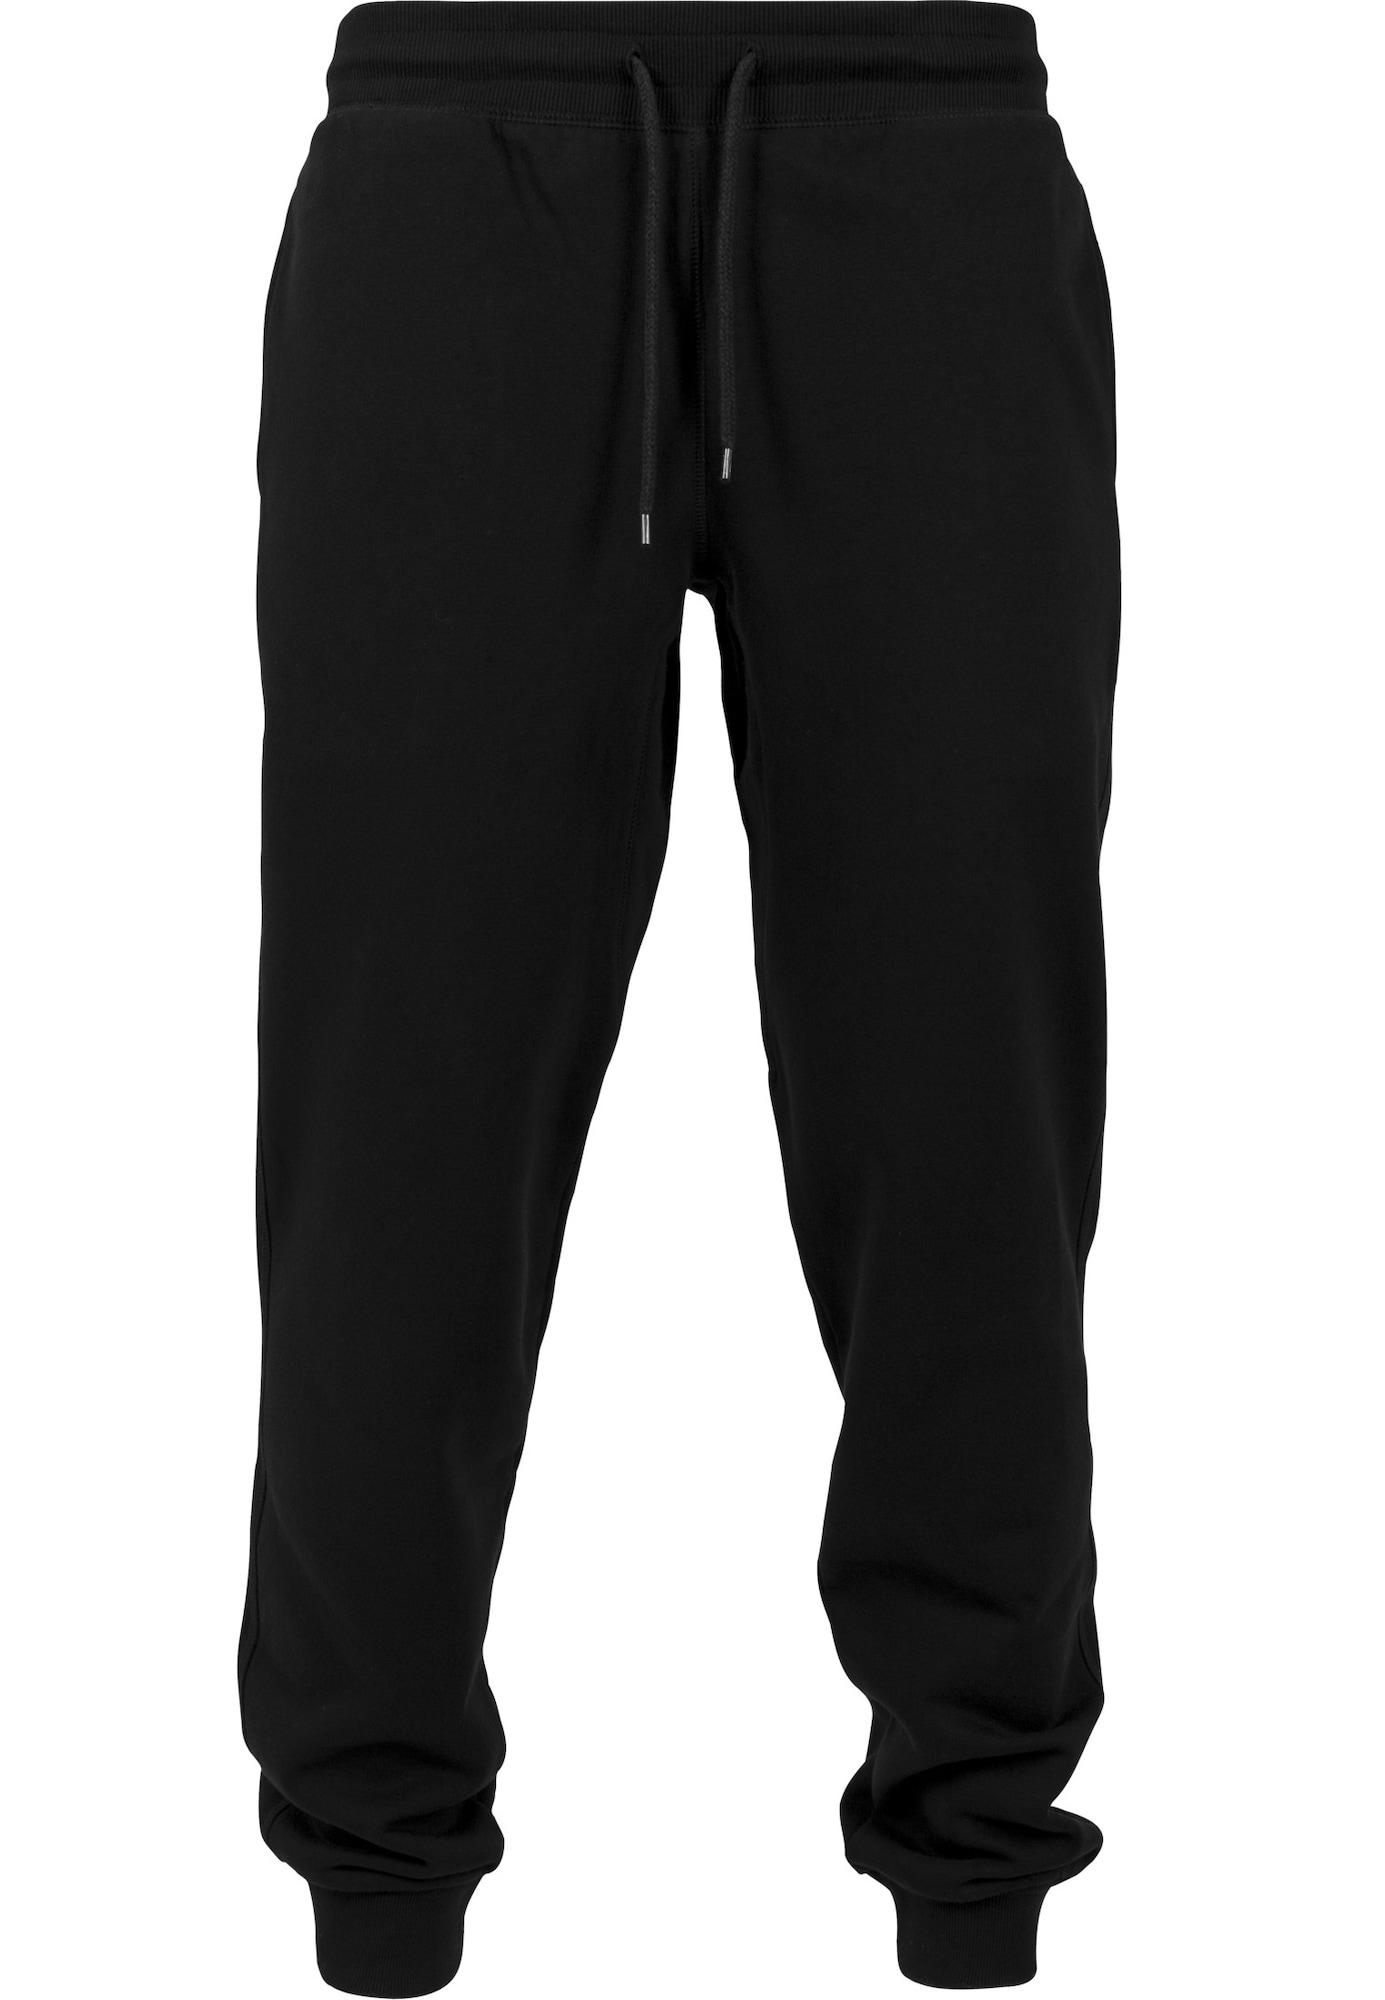 Sweatpants | Bekleidung > Hosen > Sweathosen | Schwarz | Urban Classics